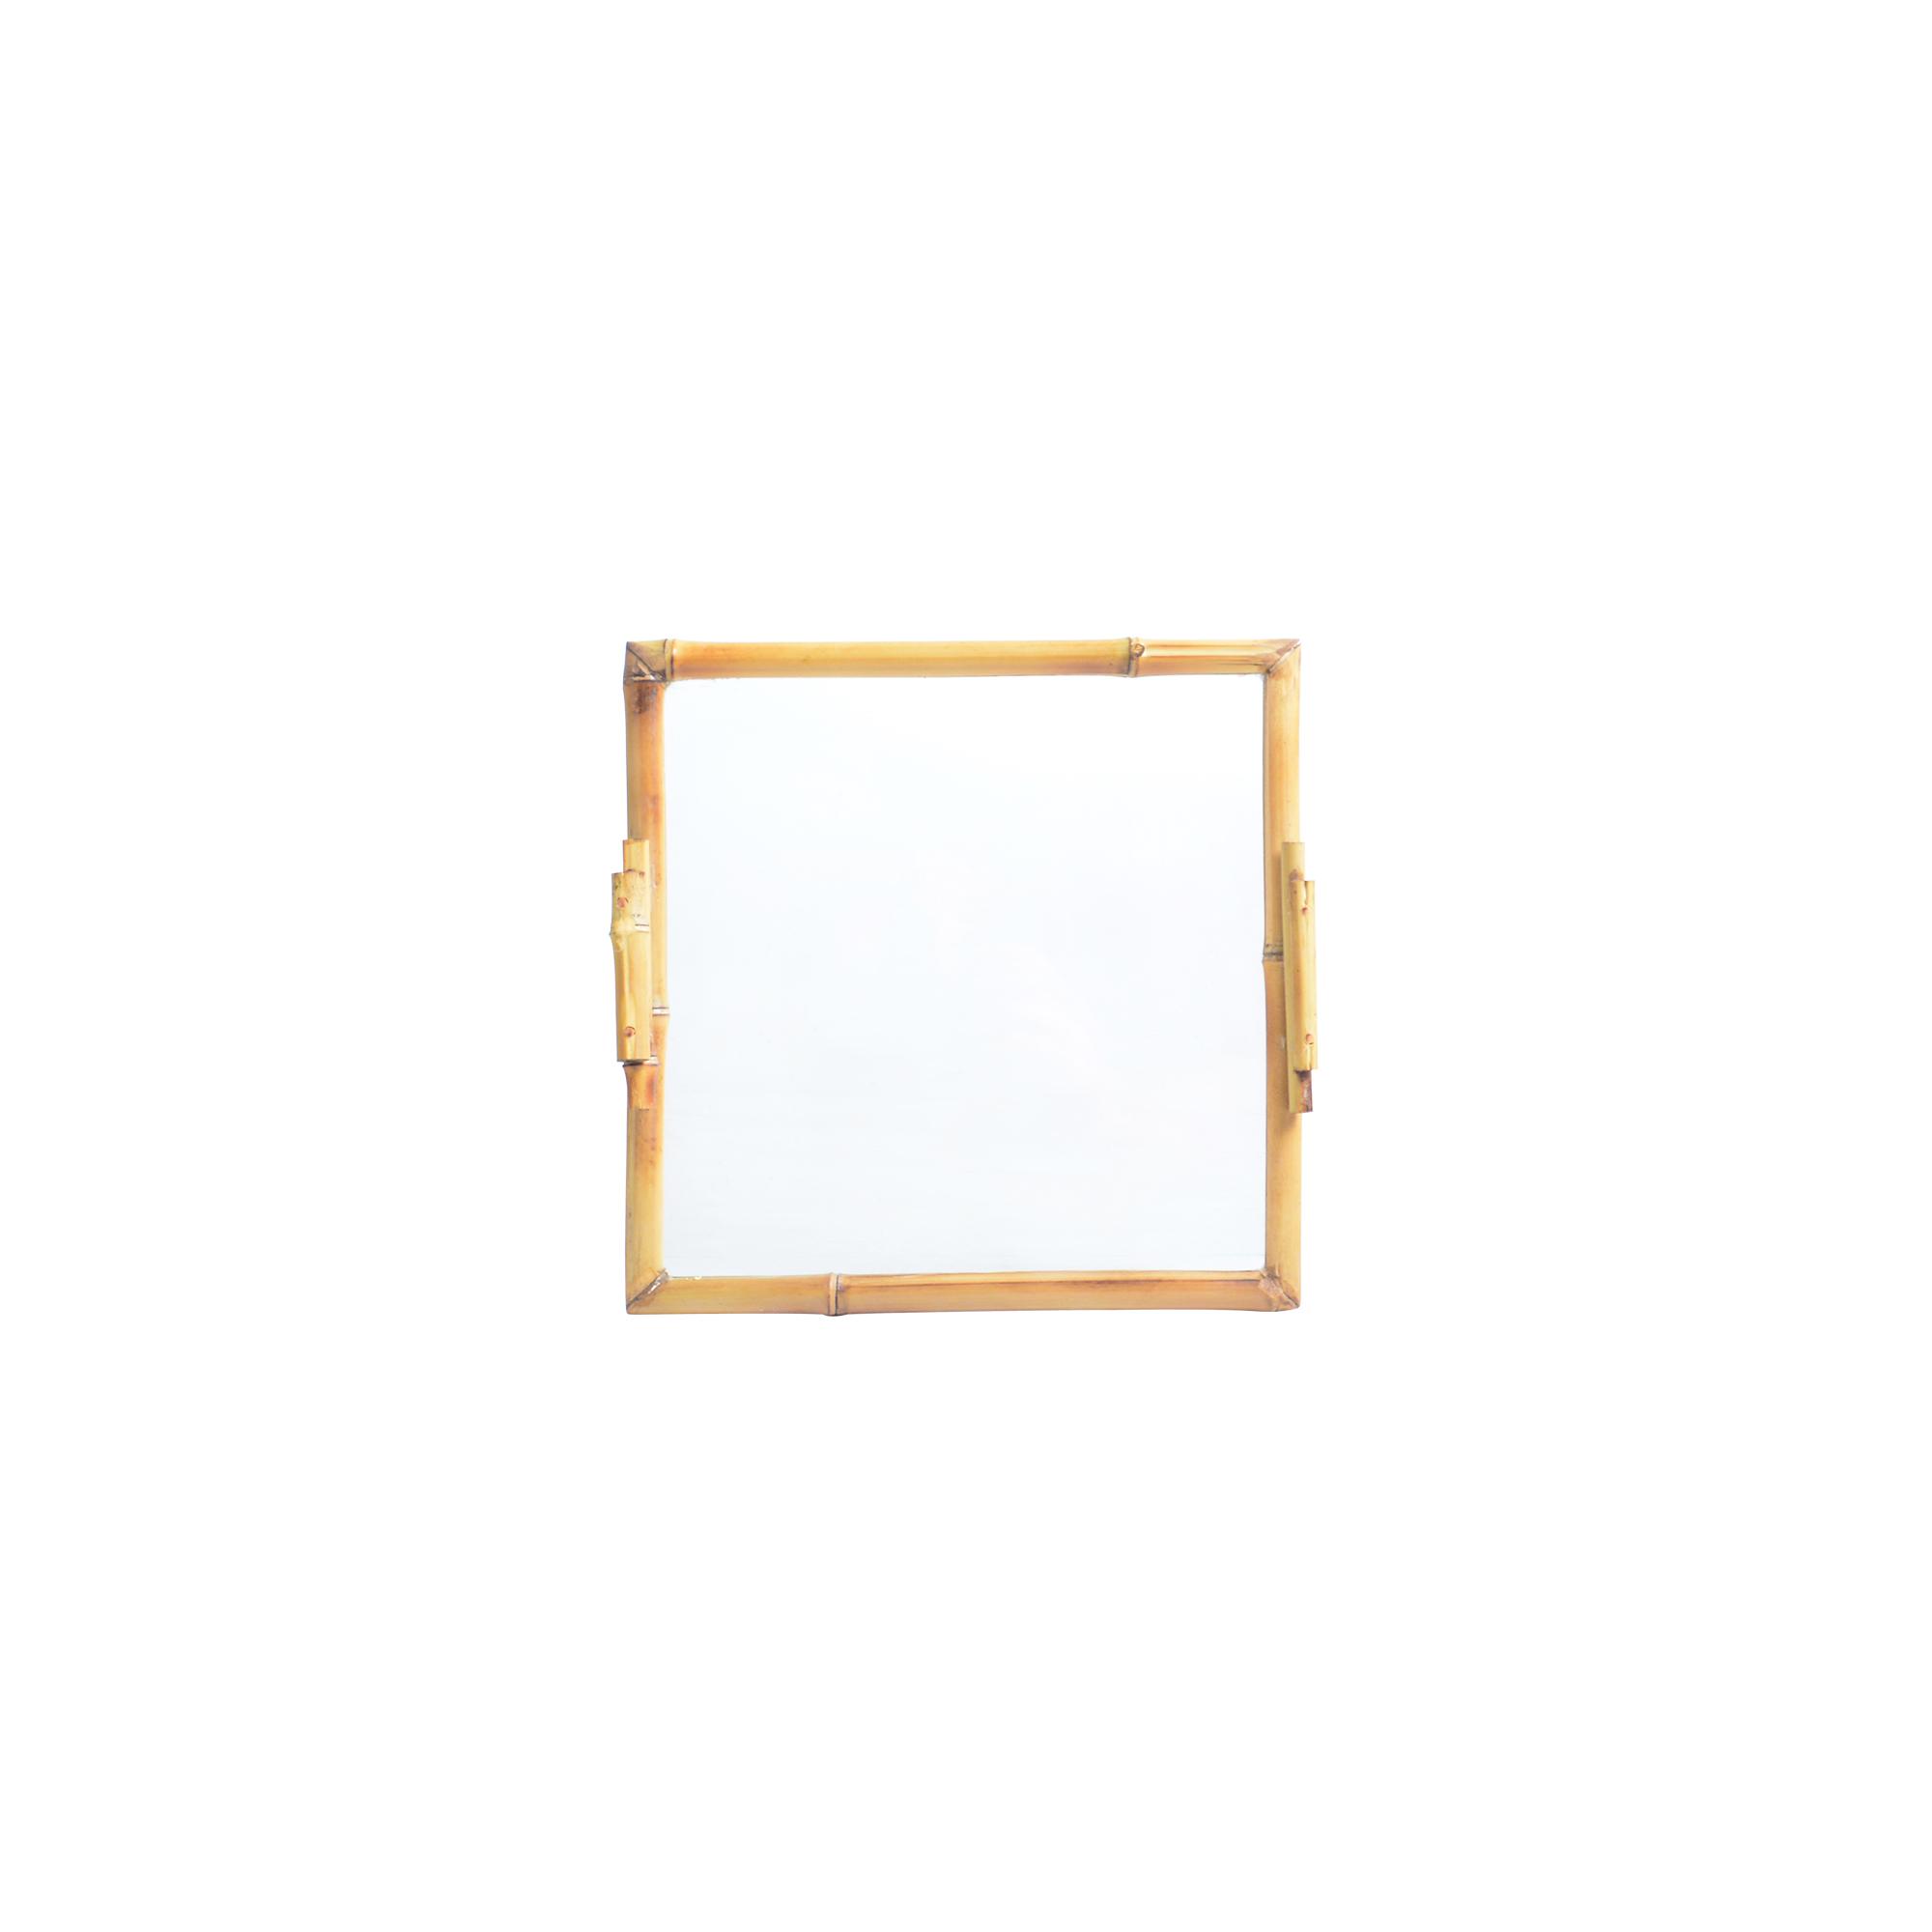 Bandeja de Bambu com vidro quadrada M lisa